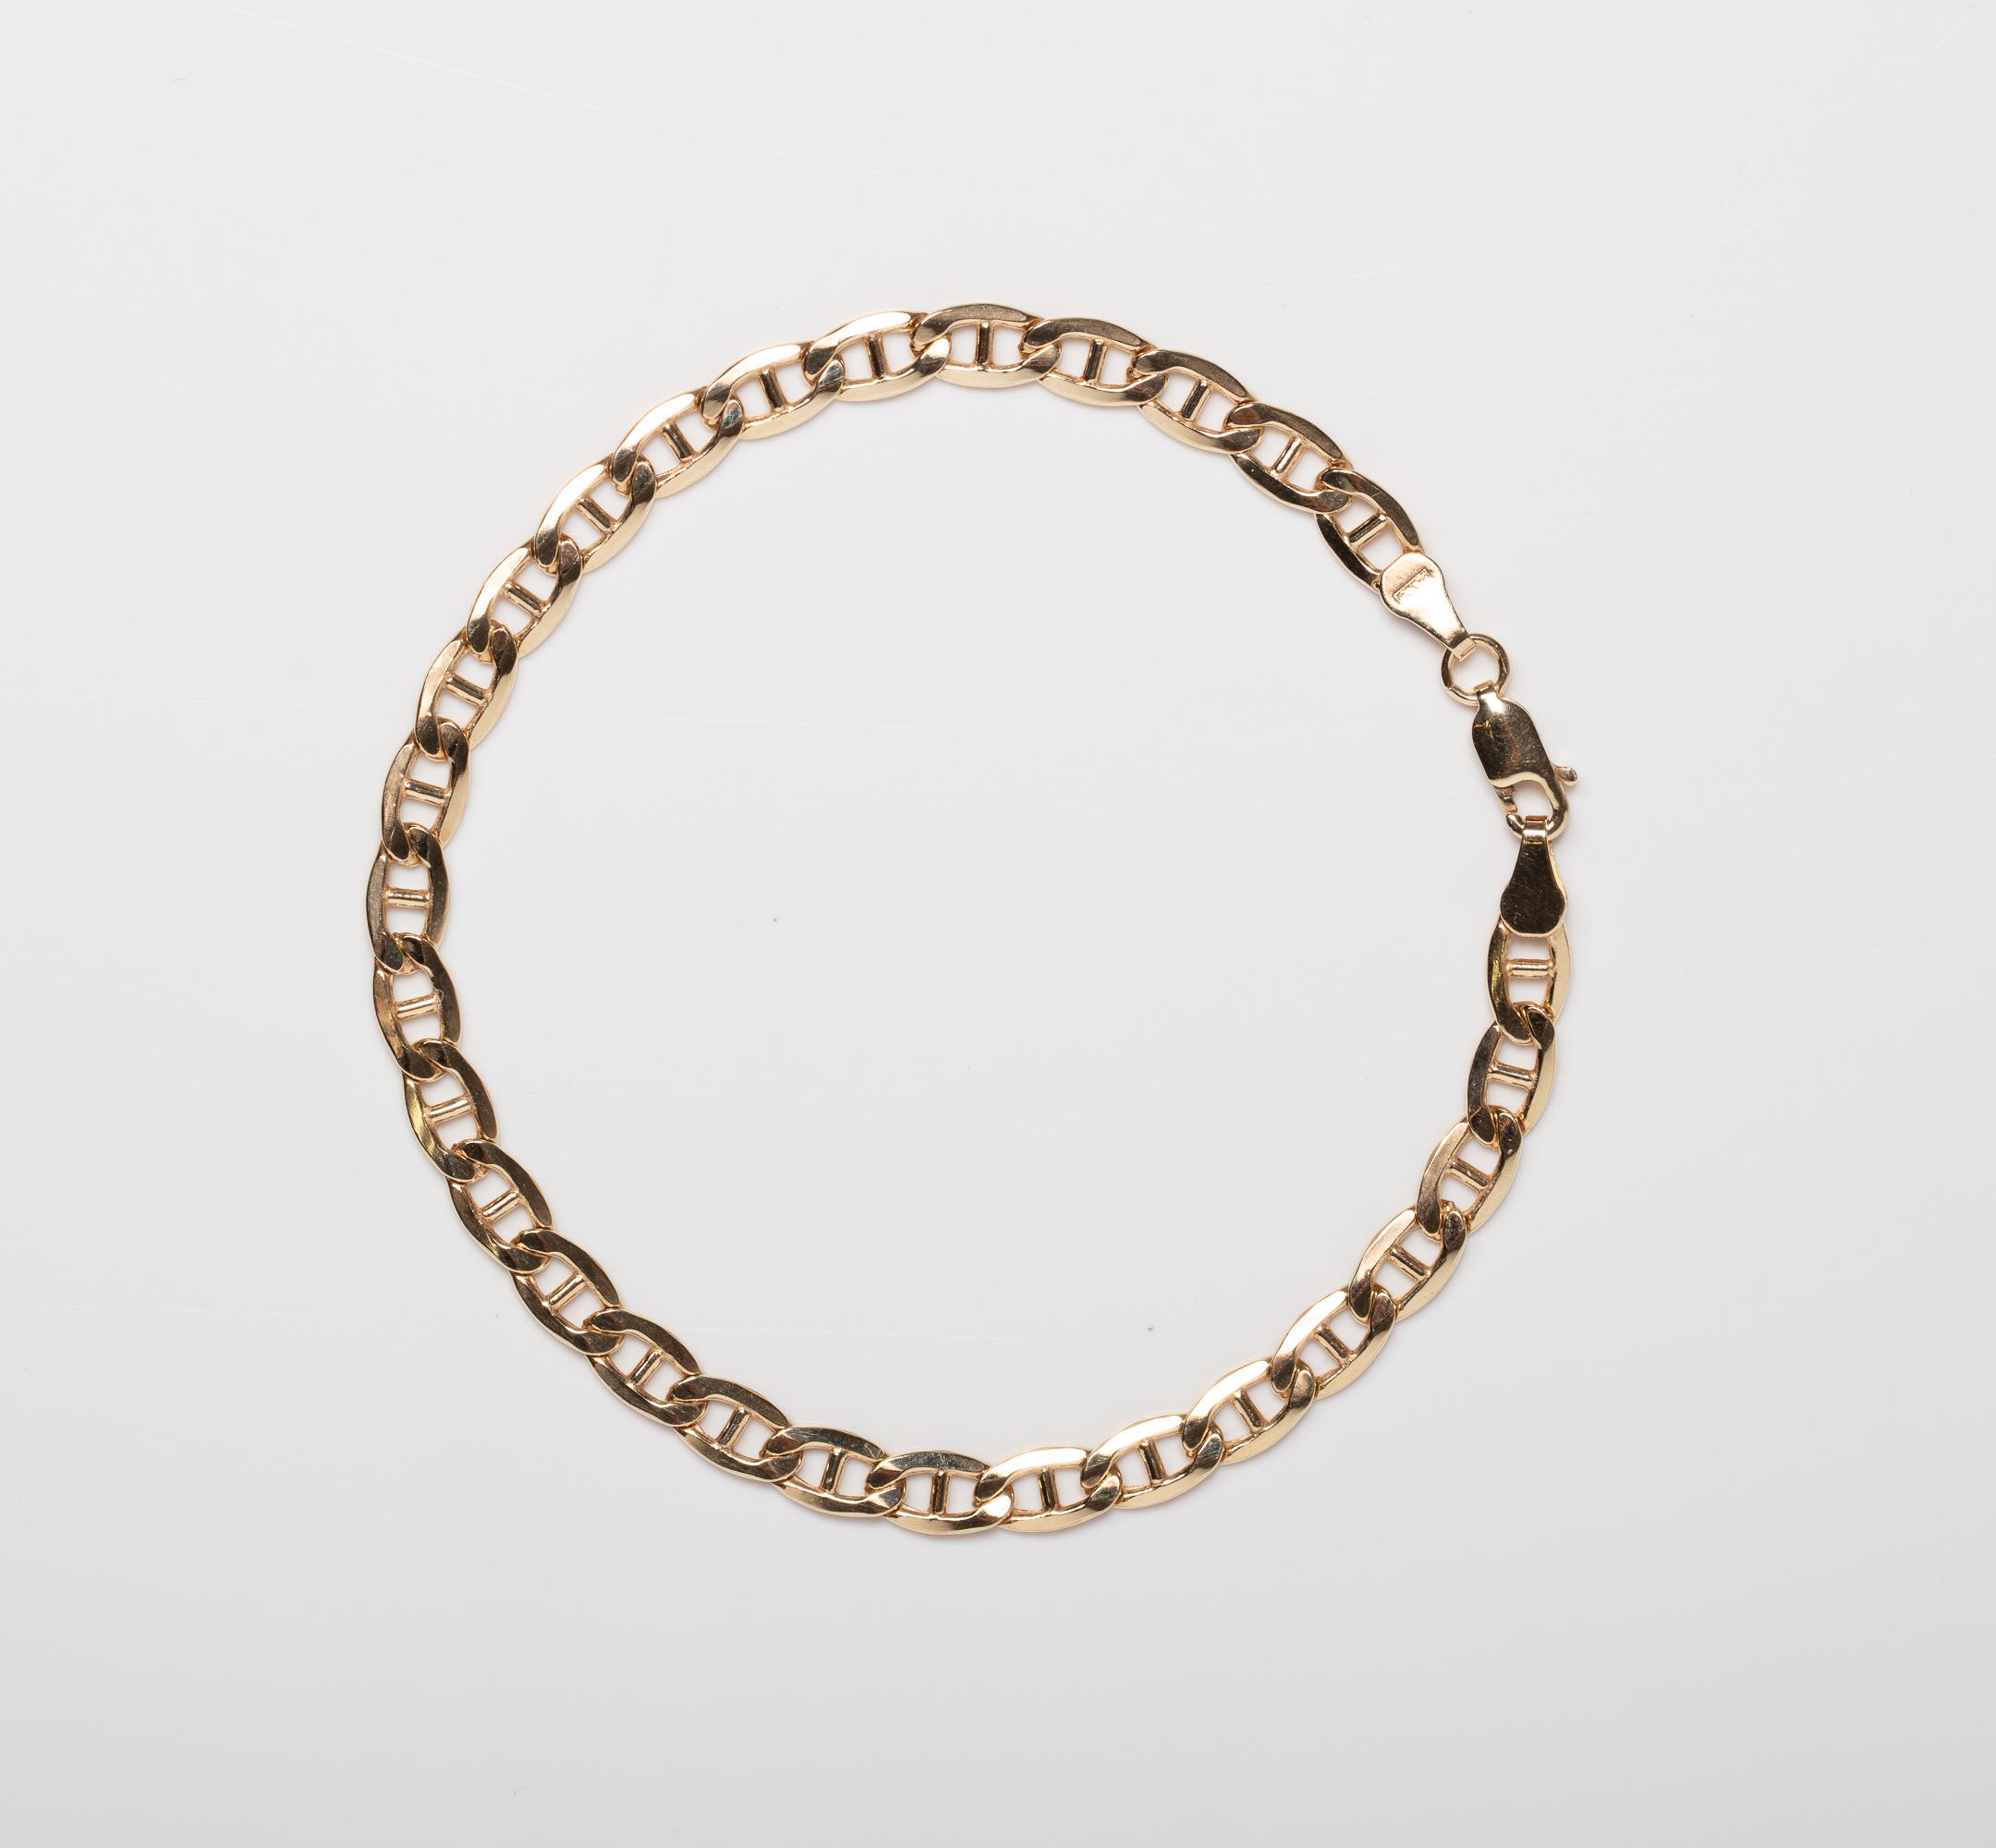 A 9CT GOLD & SILVER BONDED MARINER BRACELET